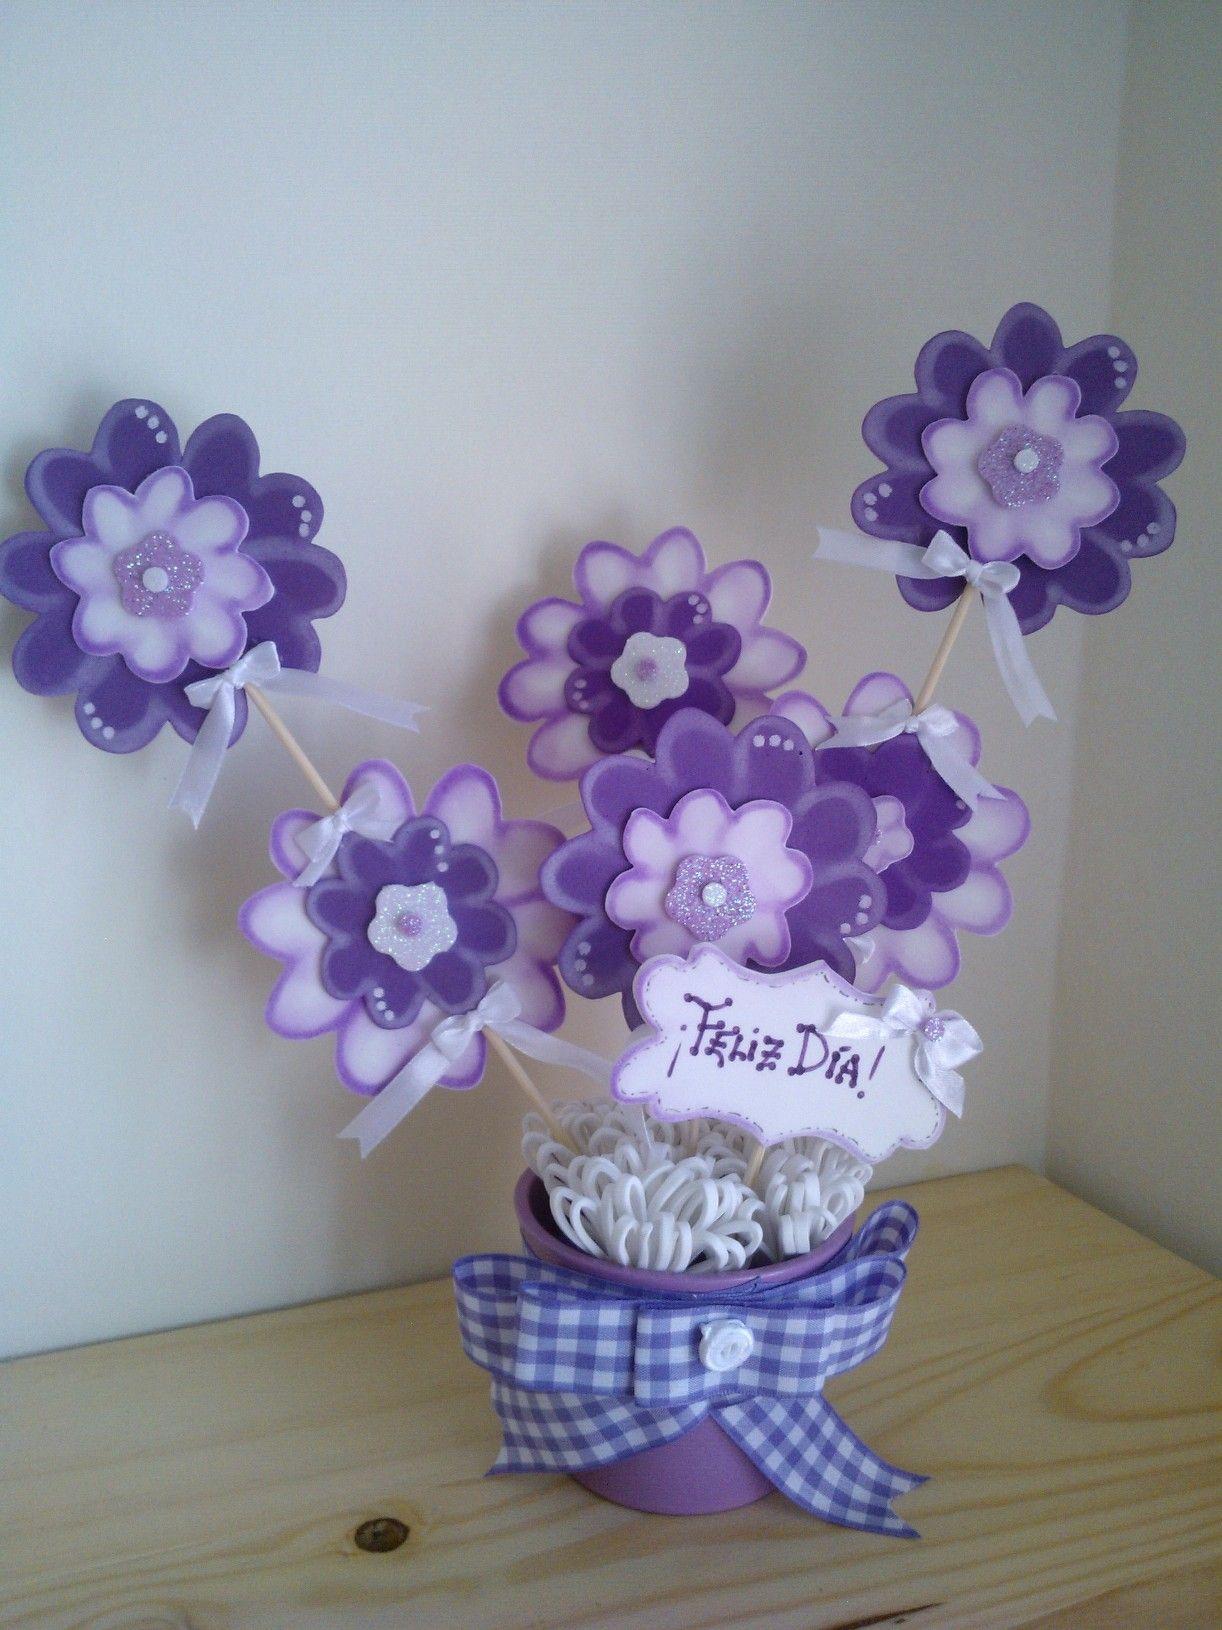 Pin de MAITANE ELCANO em Macetas decoradas flores en goma eva | Artesanato  e faça você mesmo, Decoração festa infantil, Coelho de crochê